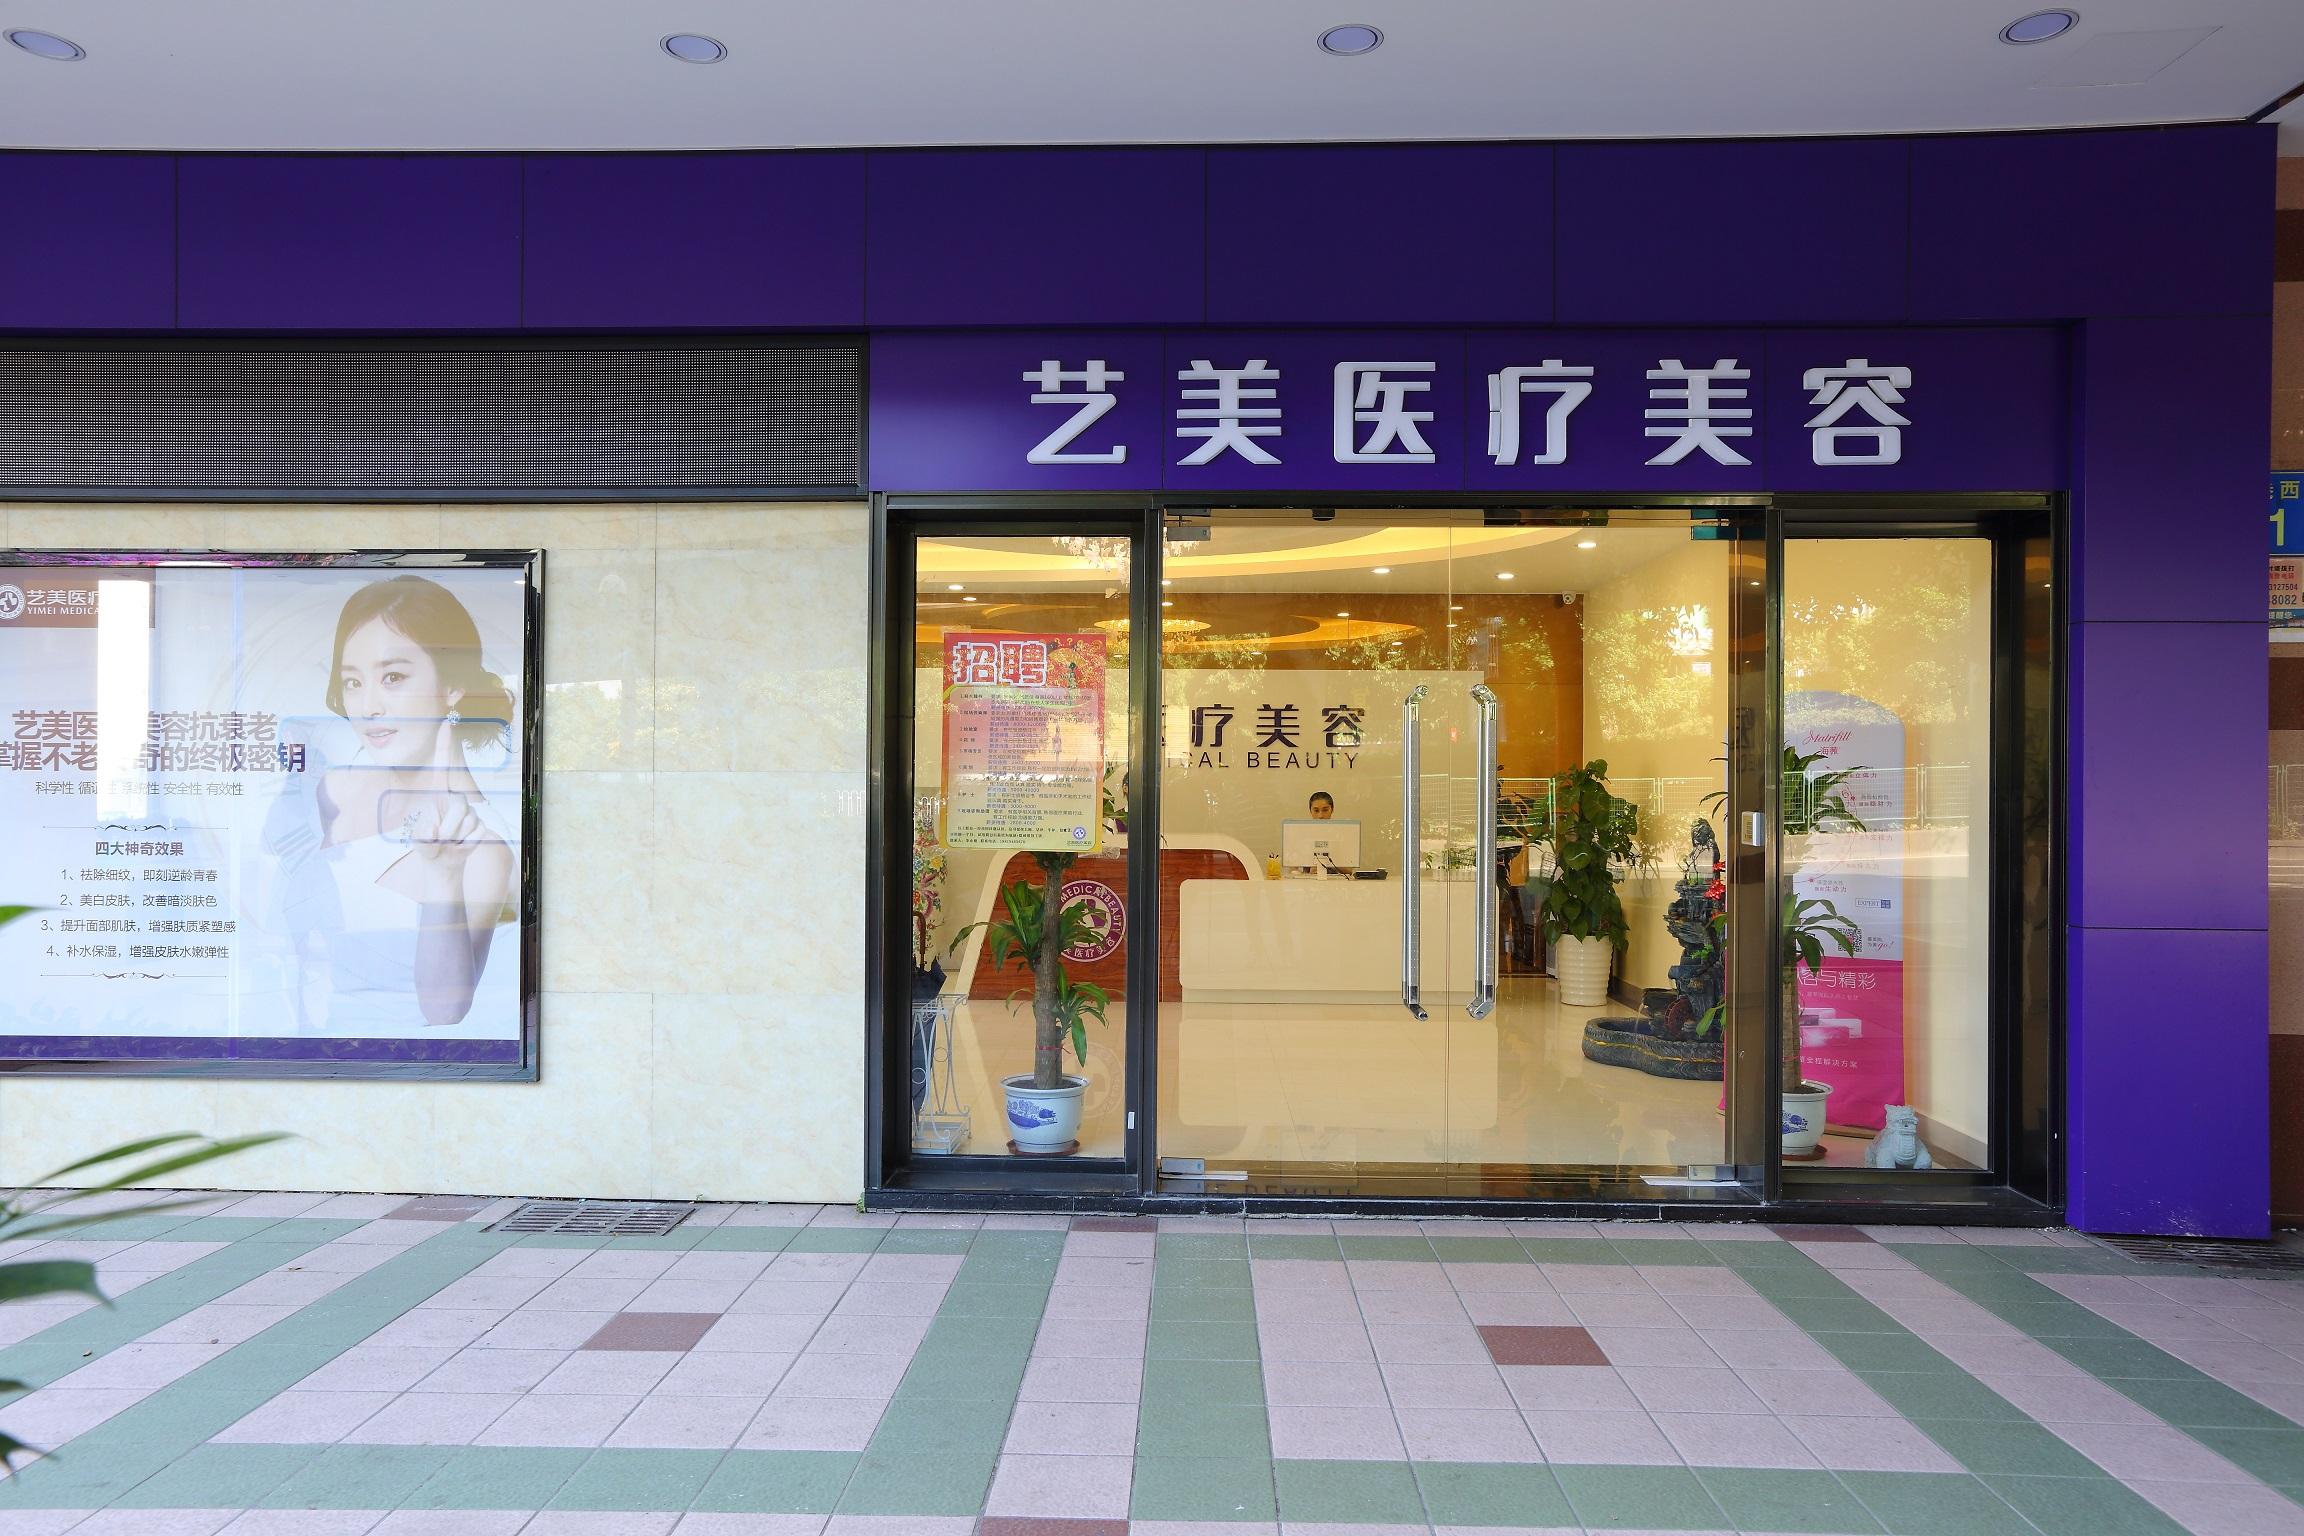 广州艺美医疗美容门诊部环境图3